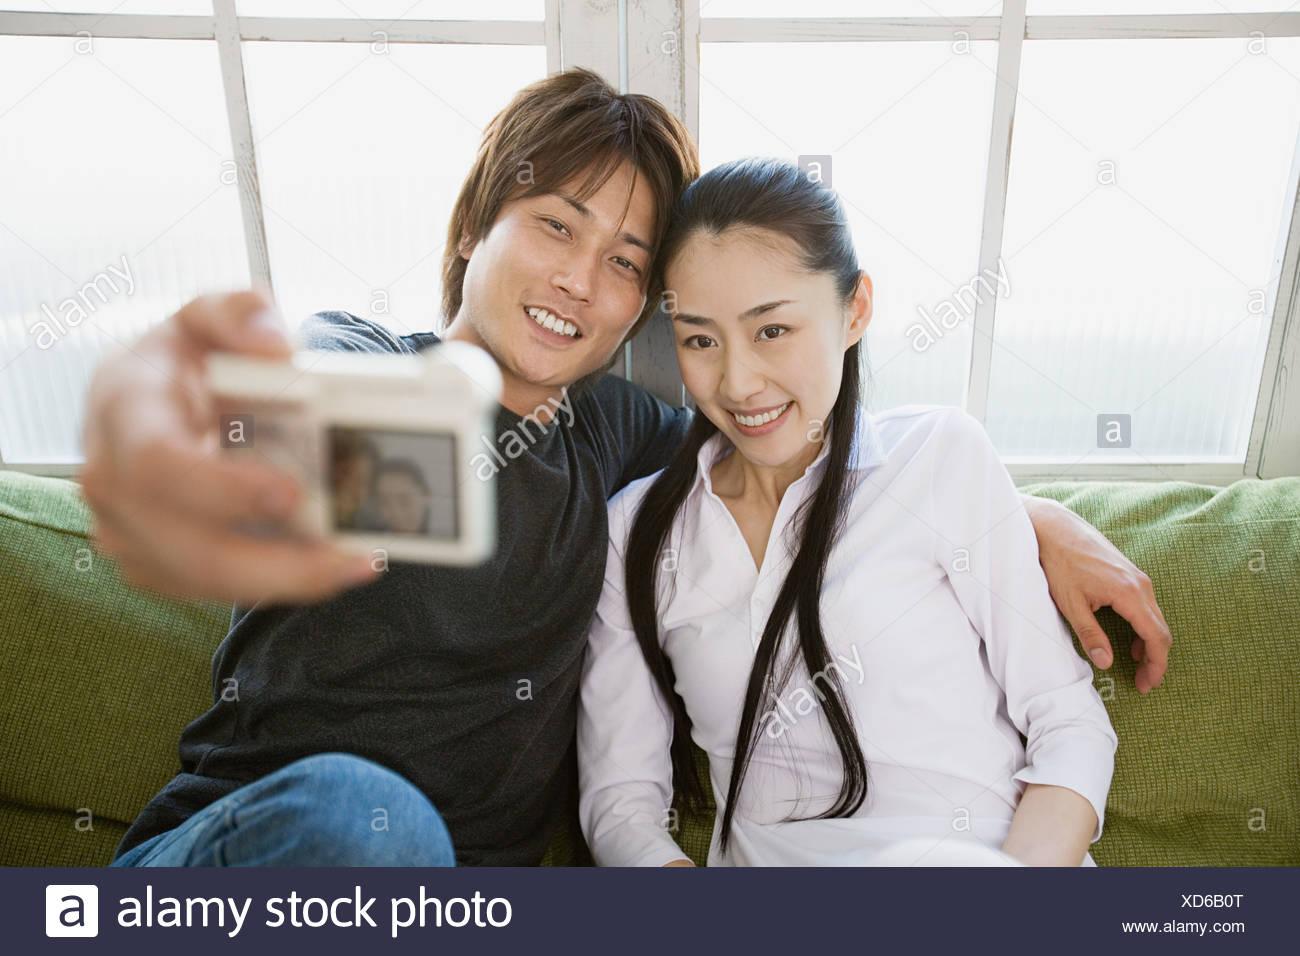 Paar, ein Bild von sich selbst Stockbild